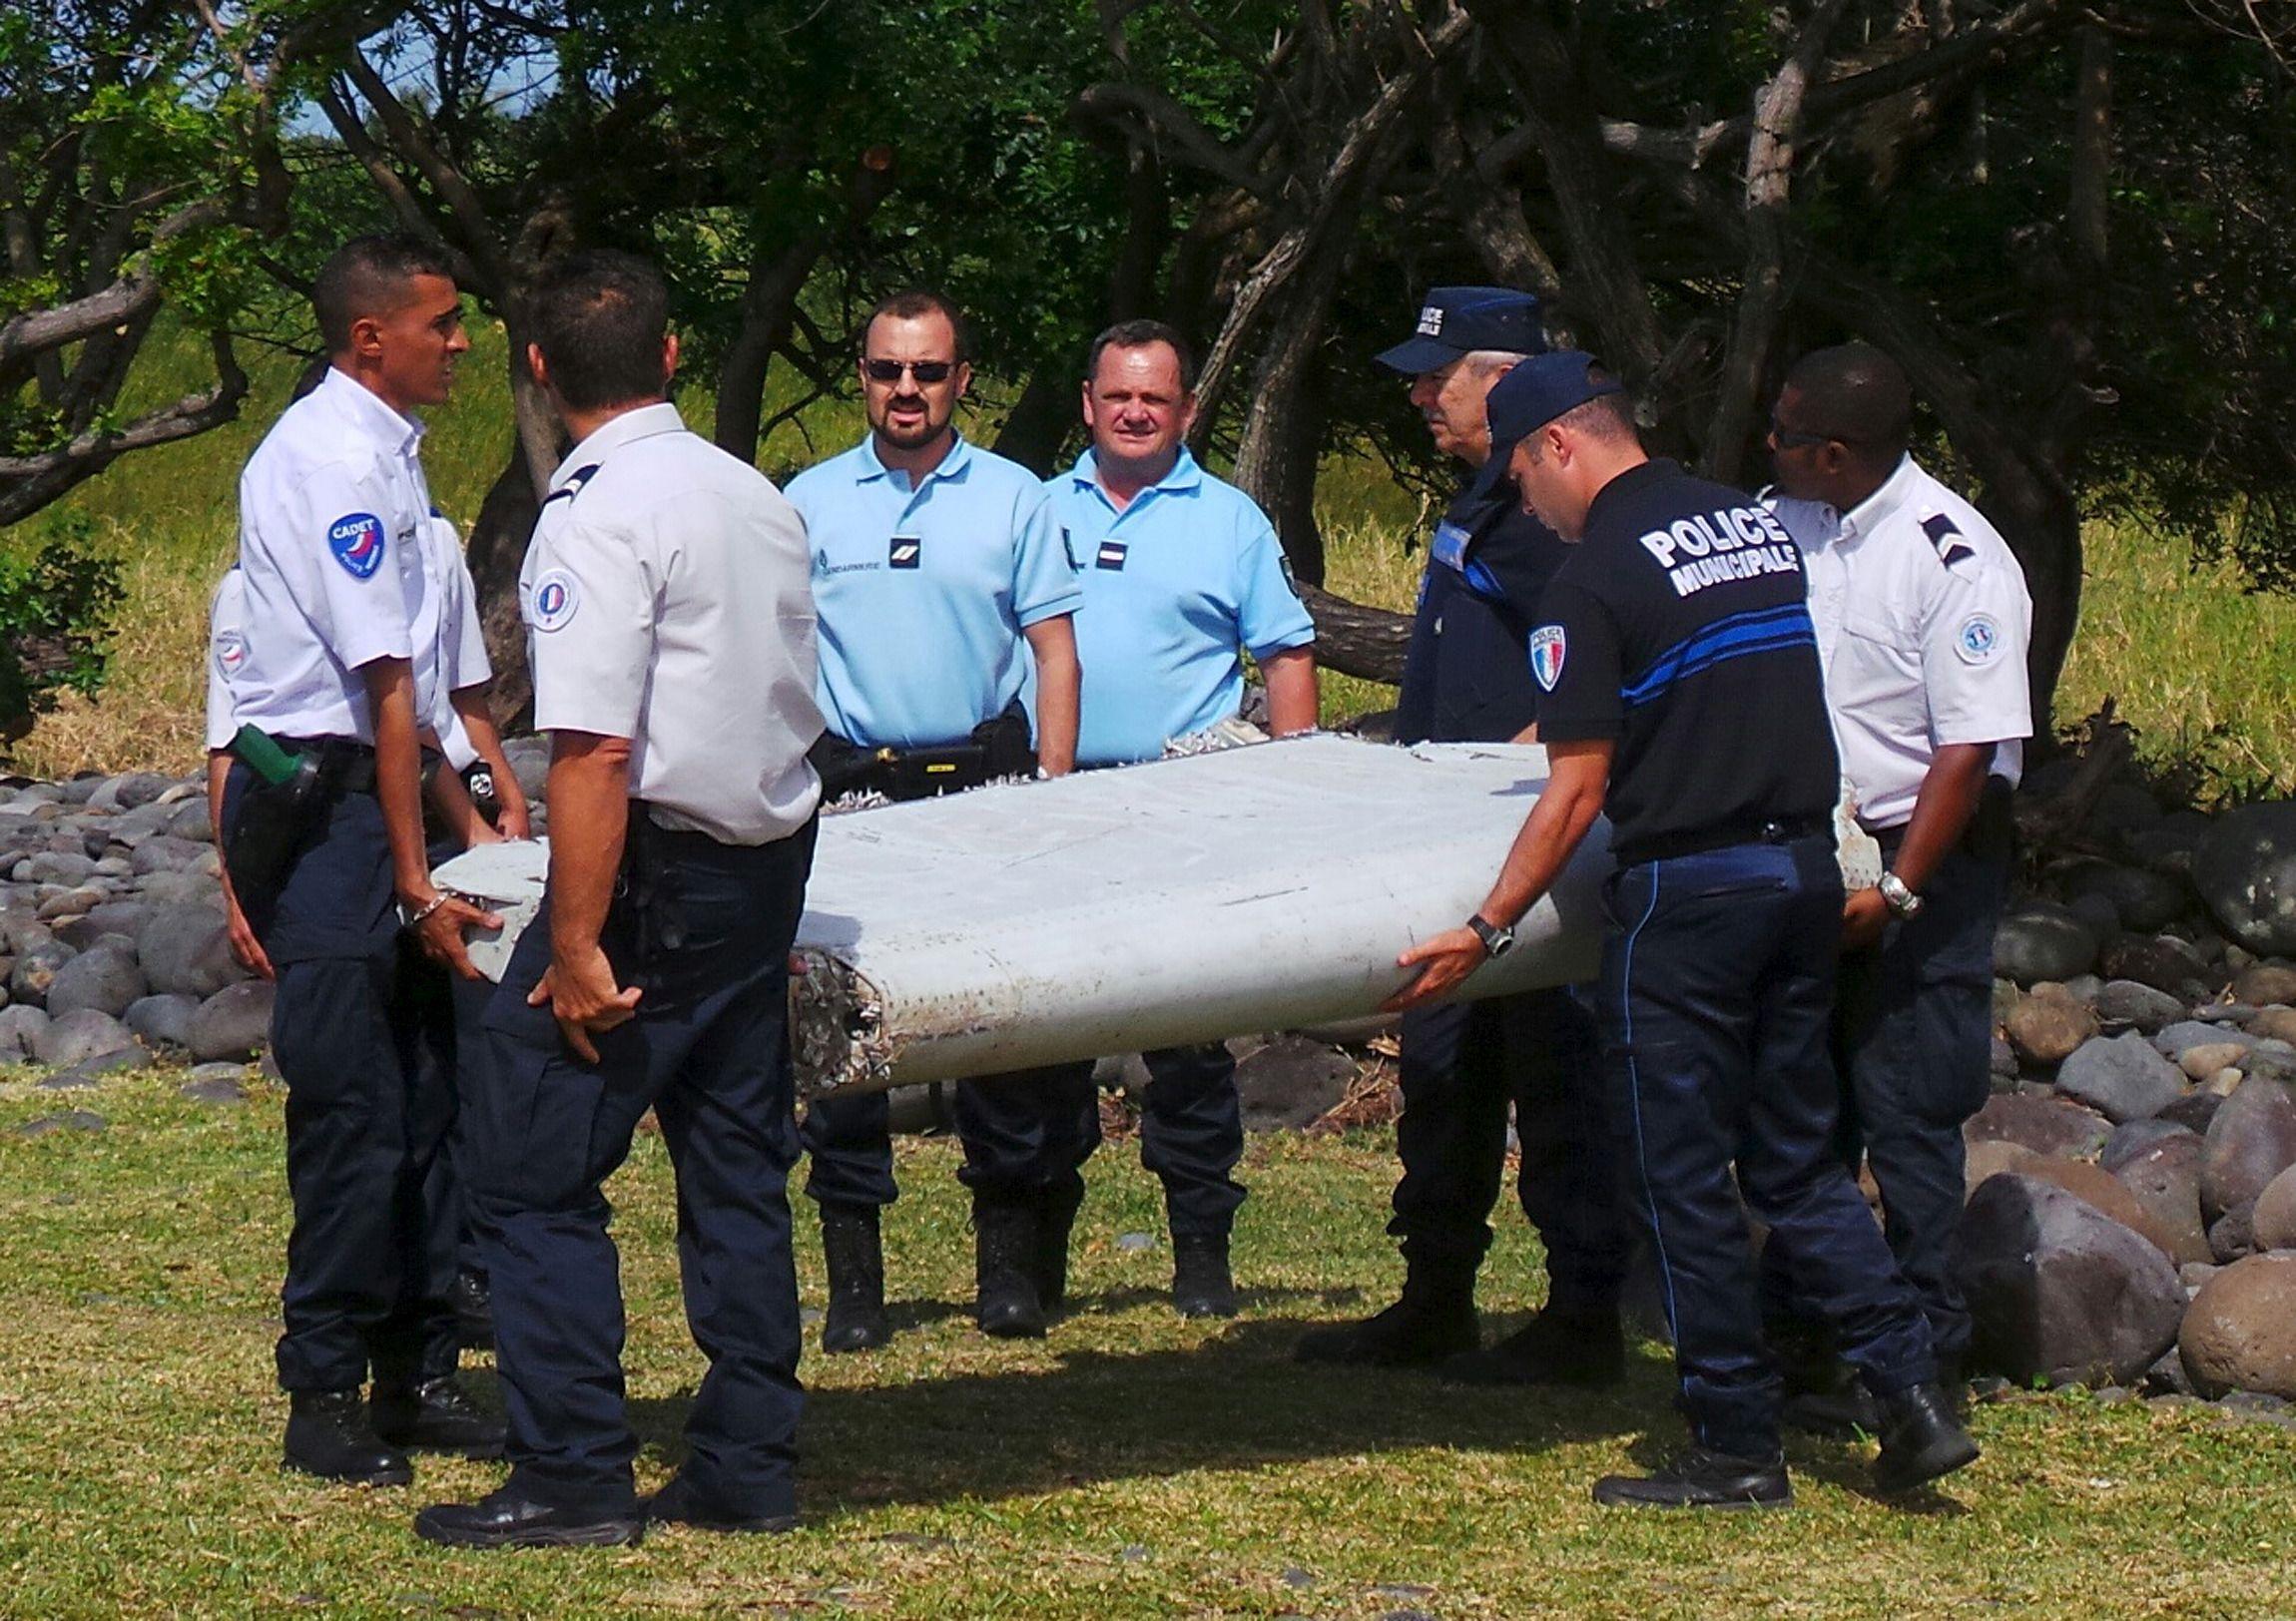 Depuis cette découverte en juillet 2015, aucun élément susceptible d'appartenir au Boeing 777 n'a été retrouvé .